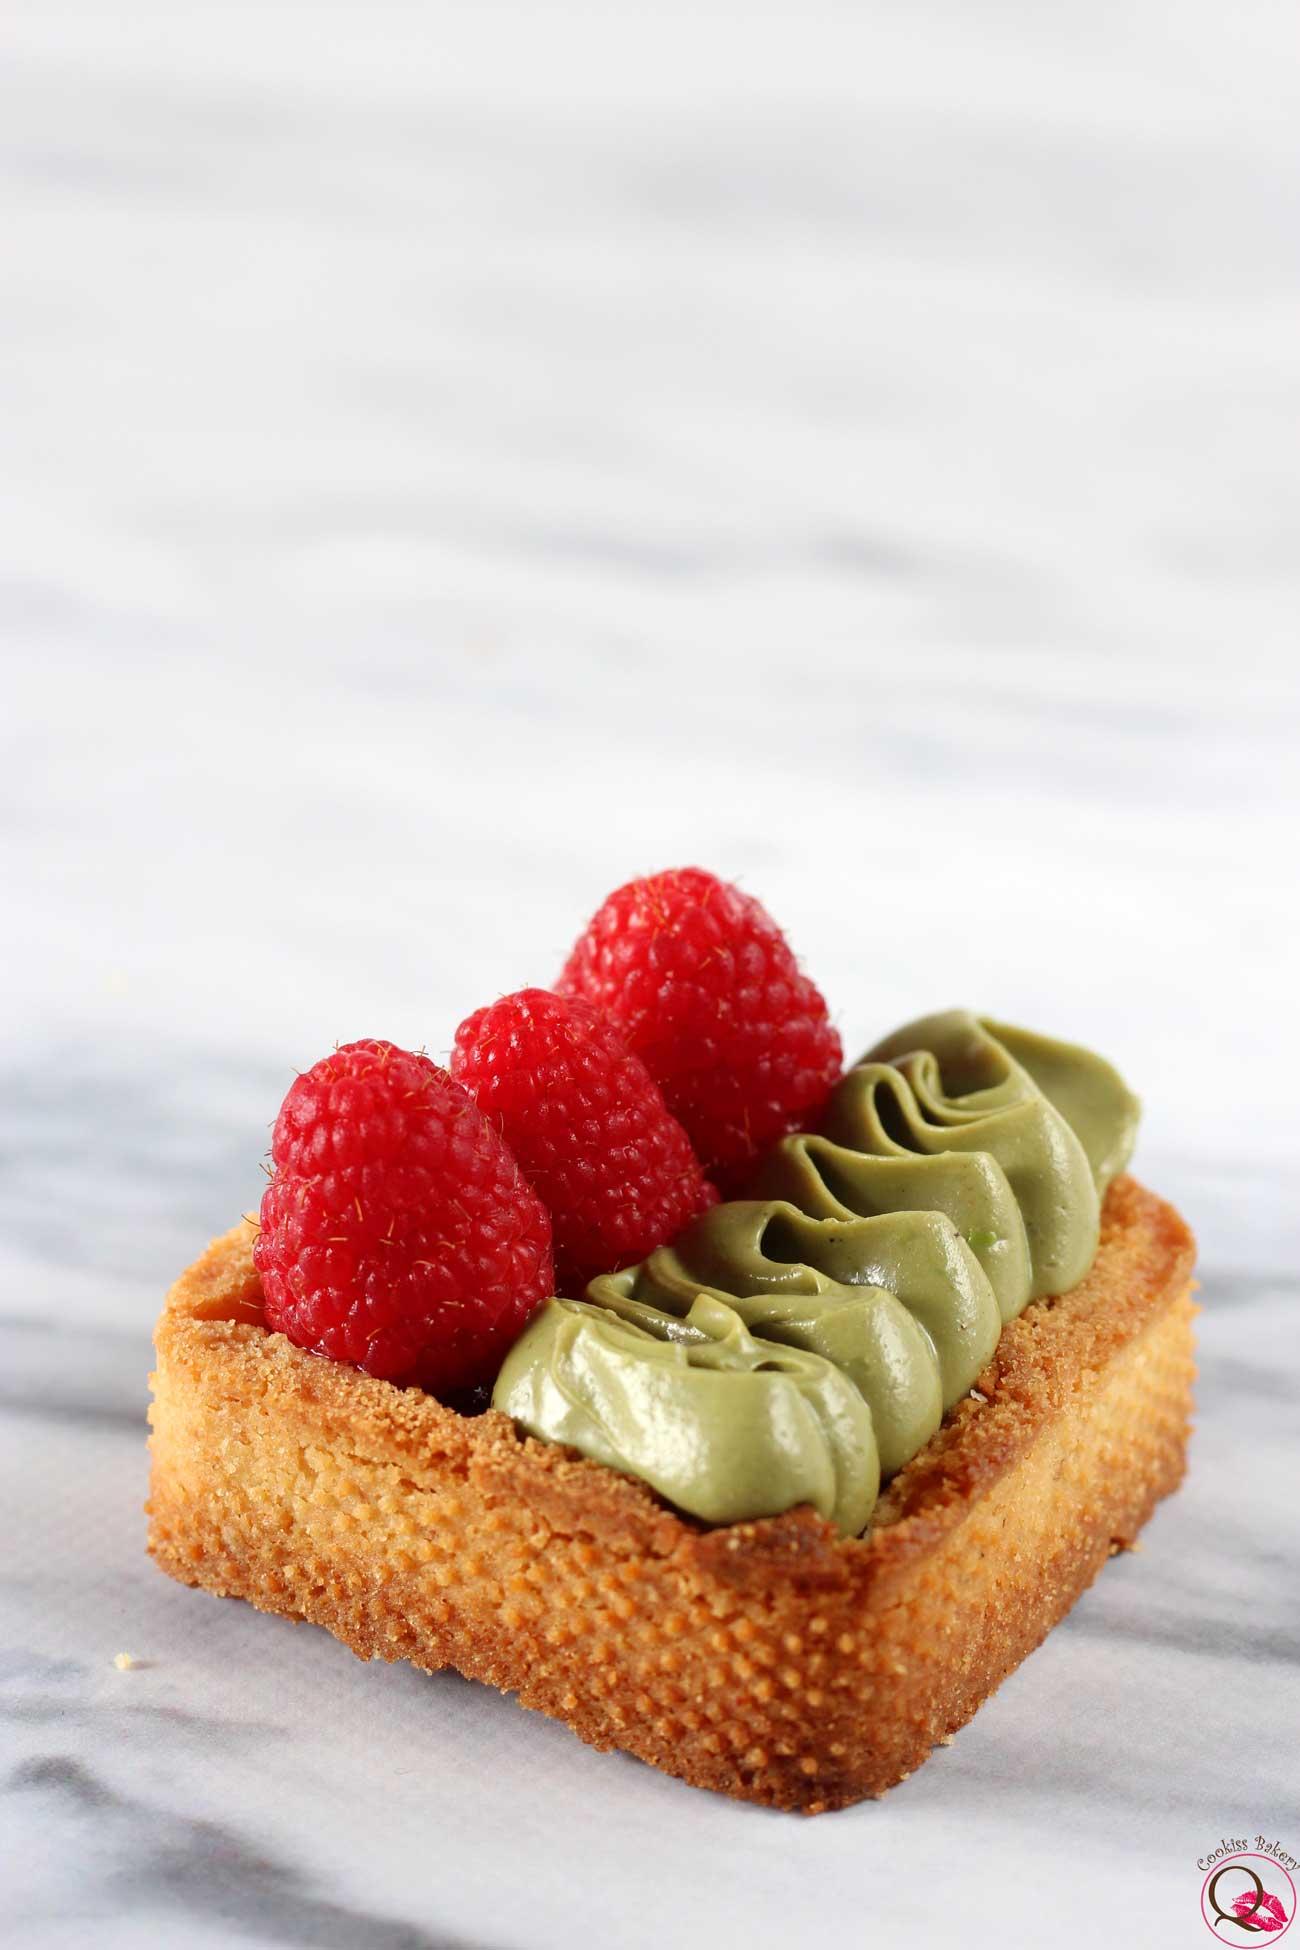 Crostatina ai lamponi e Nutella di pistacchio obliqua